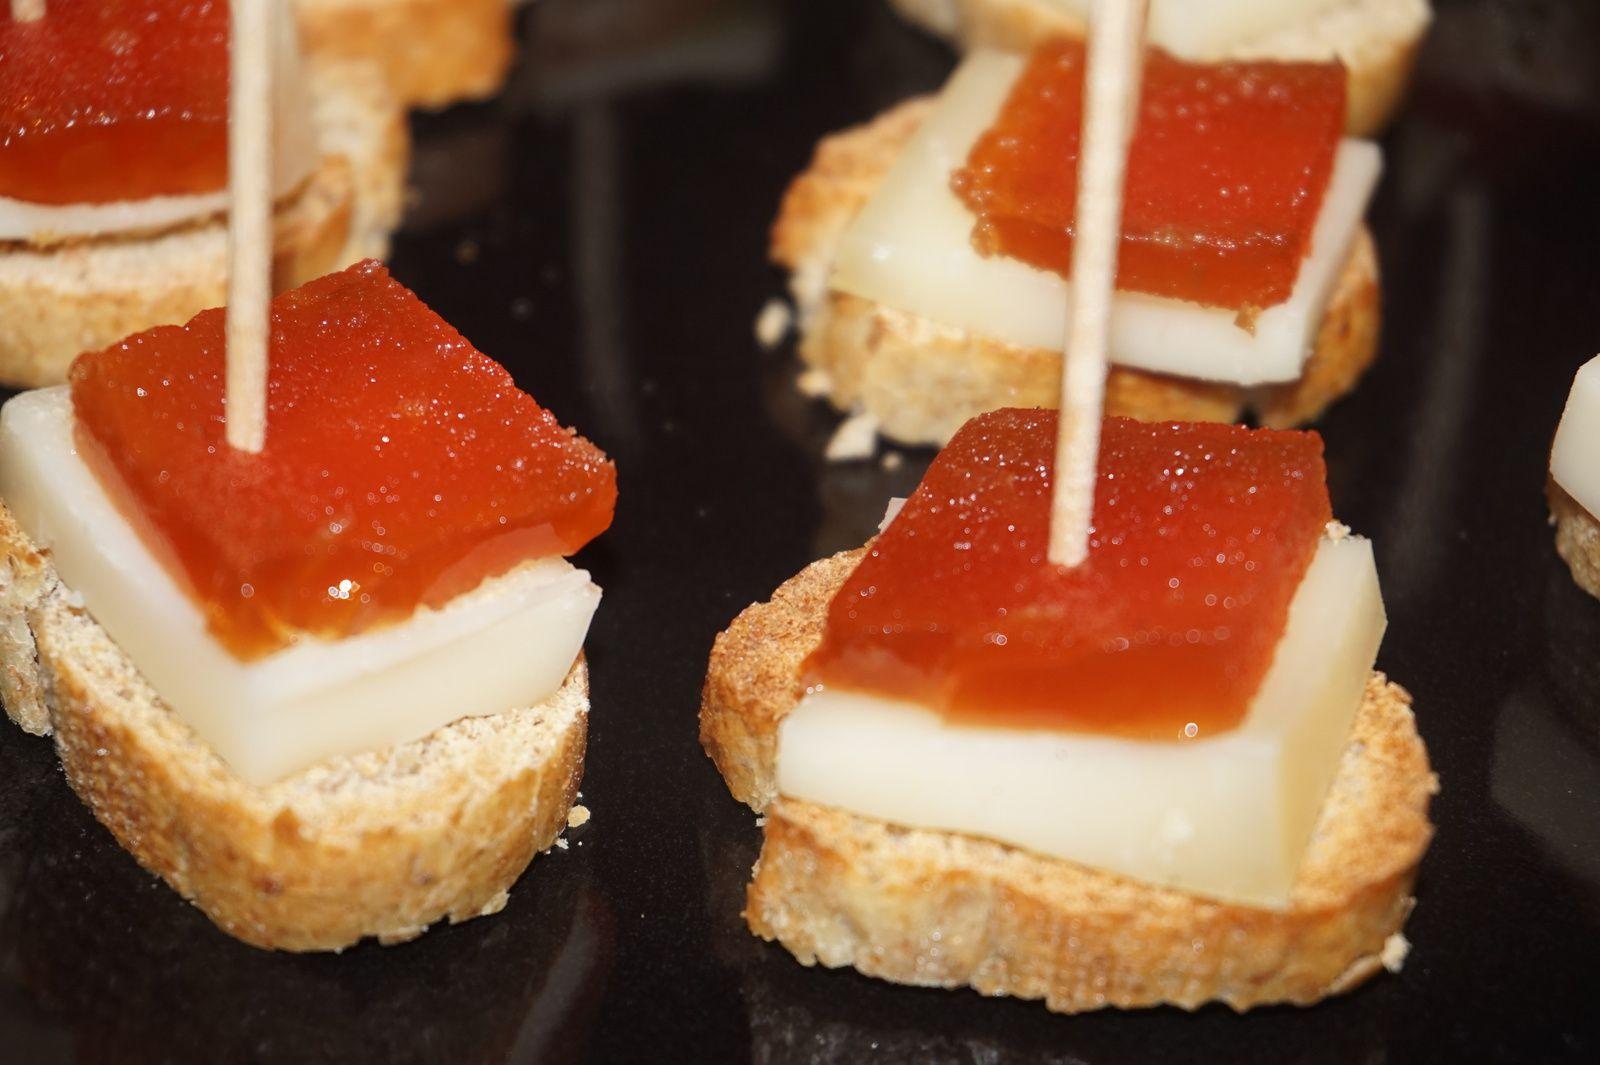 le fromage (cours de cuisine avril 2018)